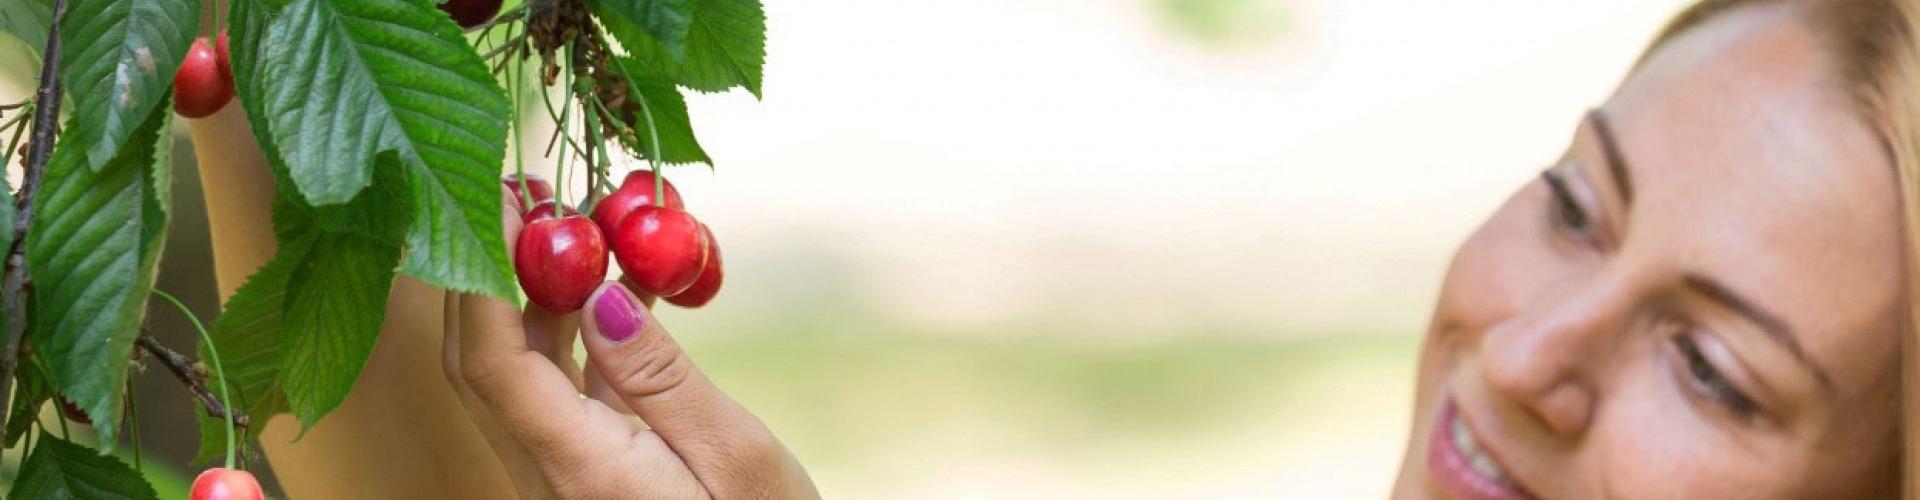 Ízletes, lédús cseresznye és eper